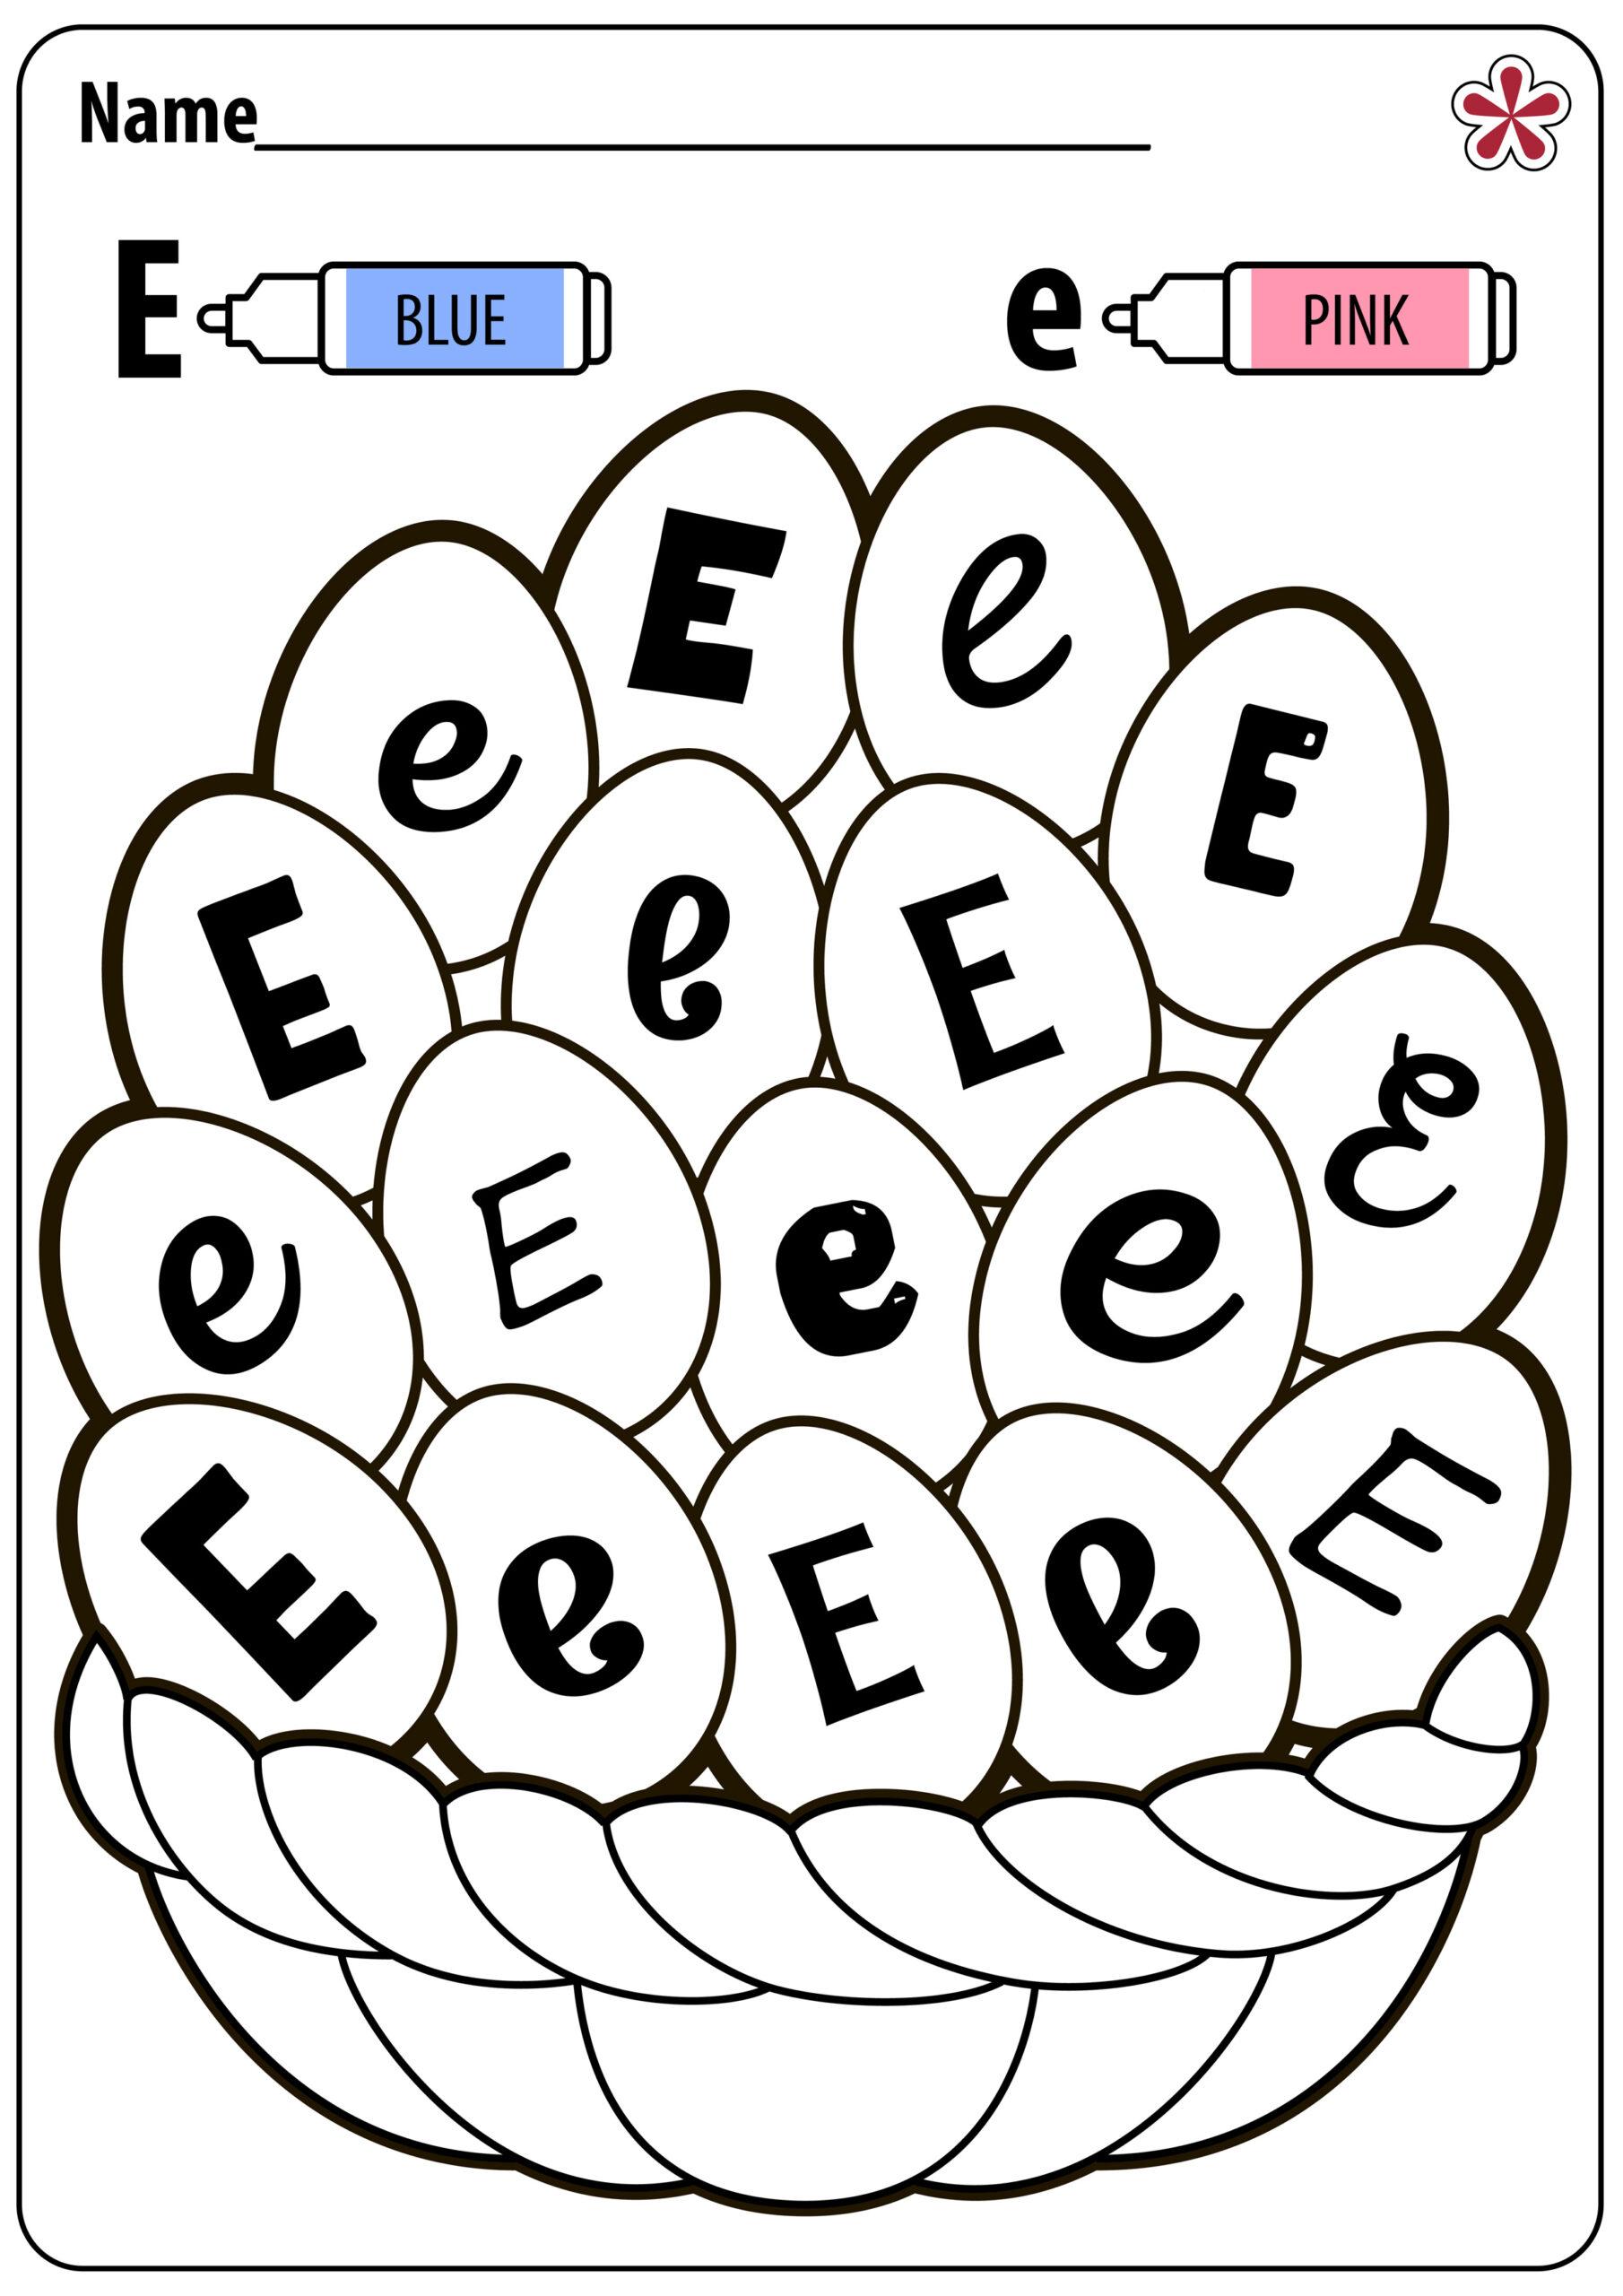 Letter E Worksheets For Kindergarten And Preschool inside Alphabet E Worksheets Kindergarten